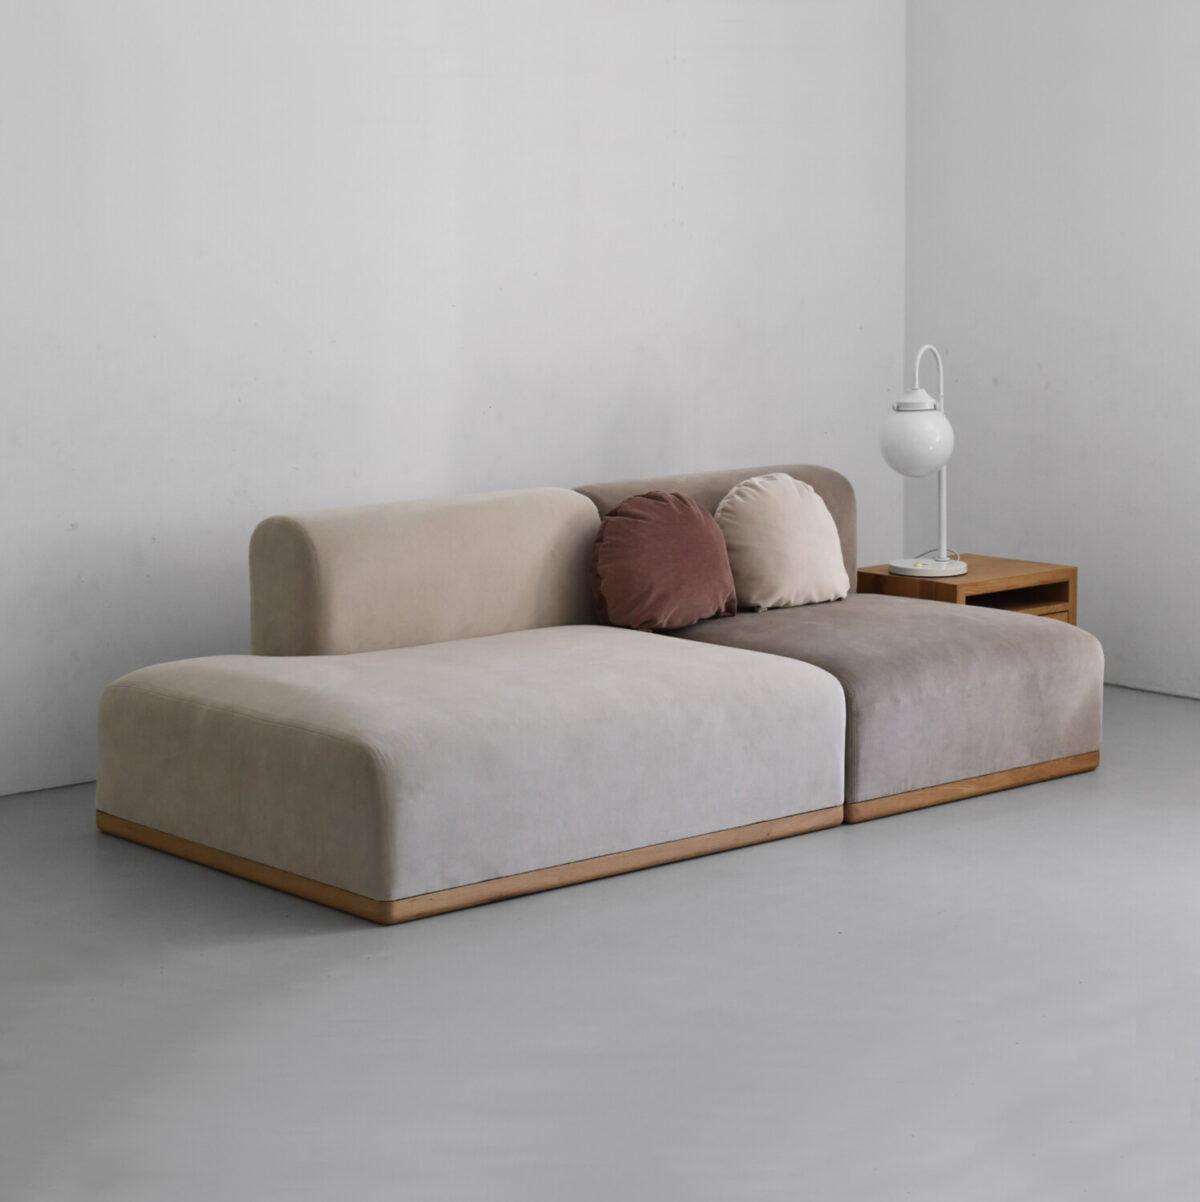 Nowoczesna minimalistyczna sofa modułowa do salonu. Nierozkładana sofa w stylu skandynawskim, beżowa sofa